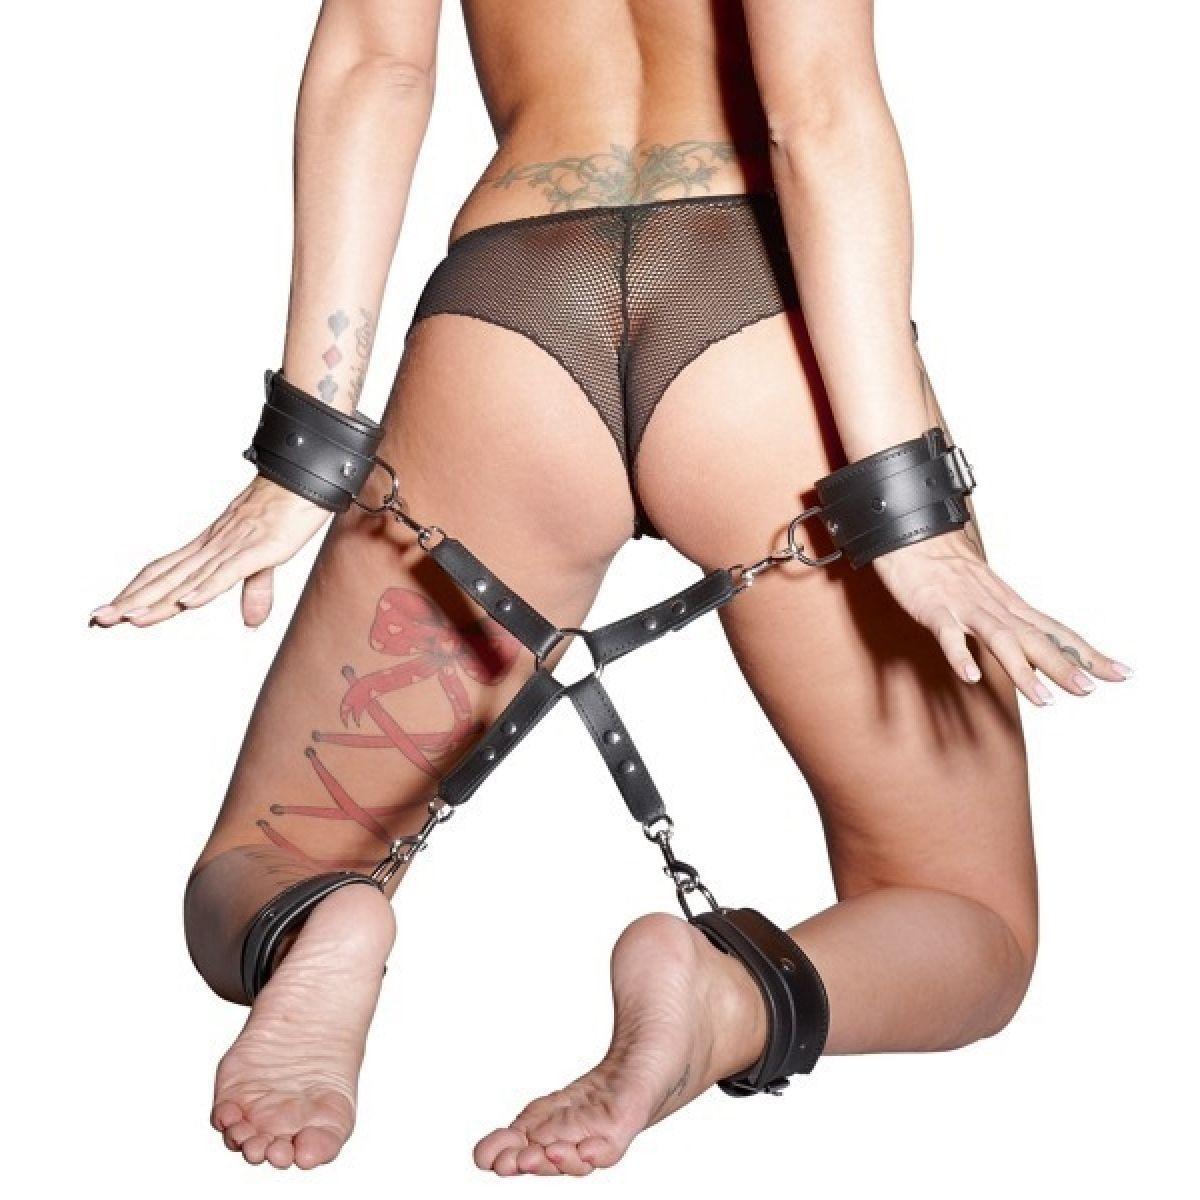 Ремни. Крест для наручников с карабином (Без наручников)